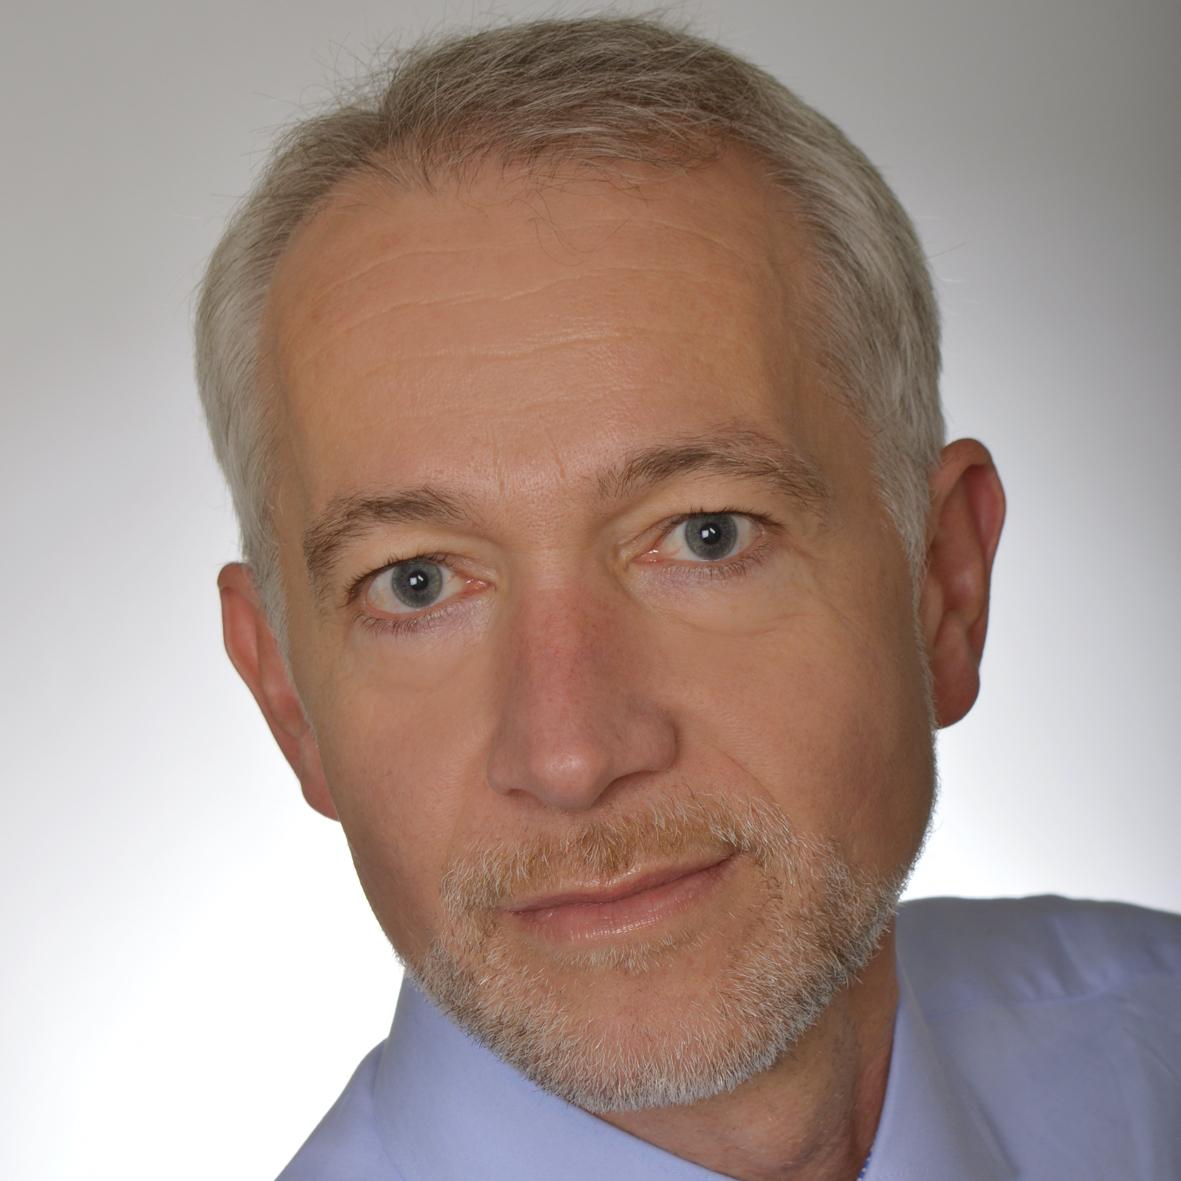 Uwe Wenzel's headshot